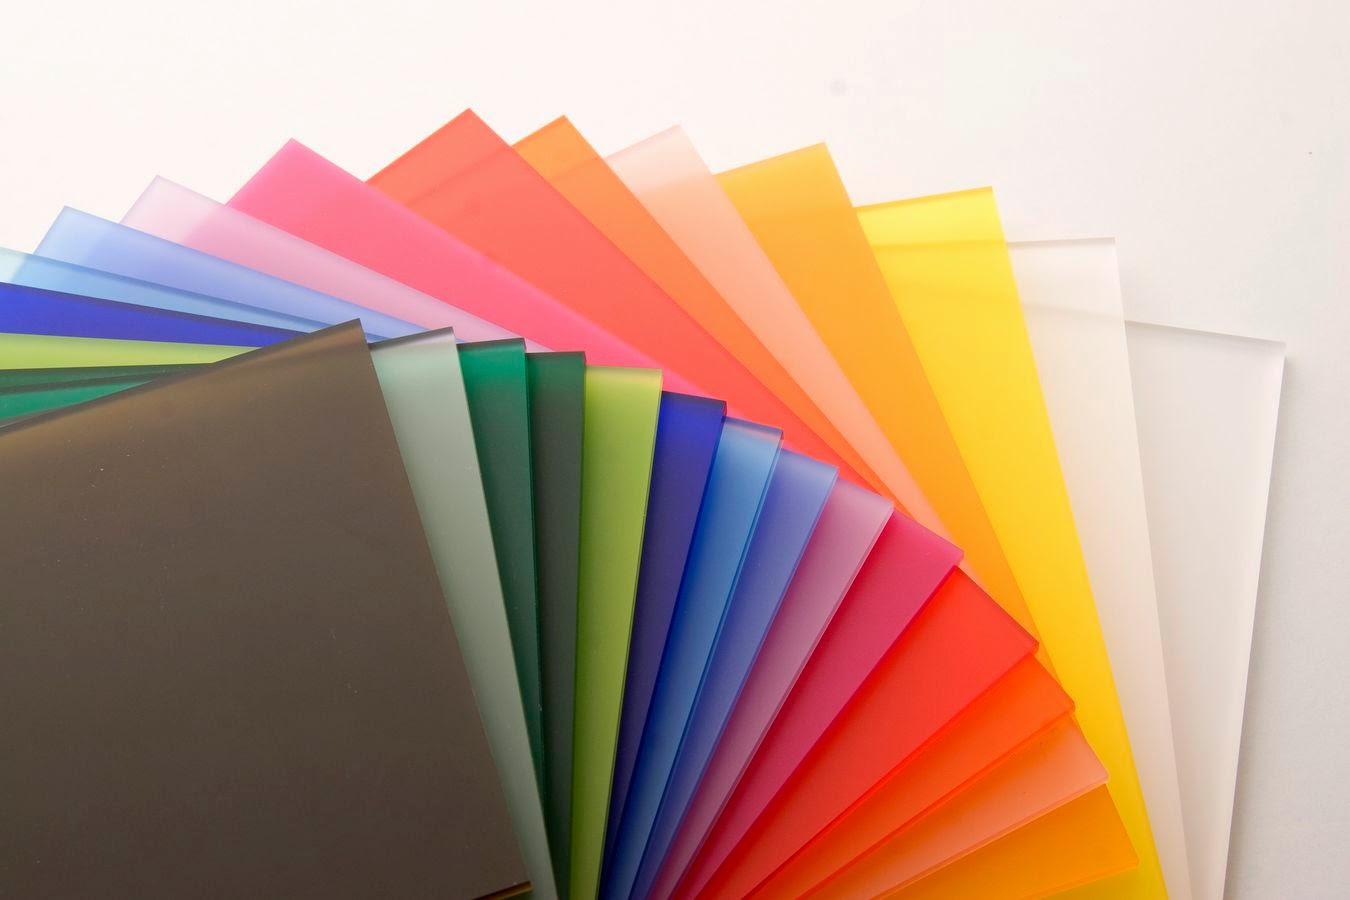 Tấm Nhựa Mica - Arcylic dùng cho trang trí nội ngoại thất